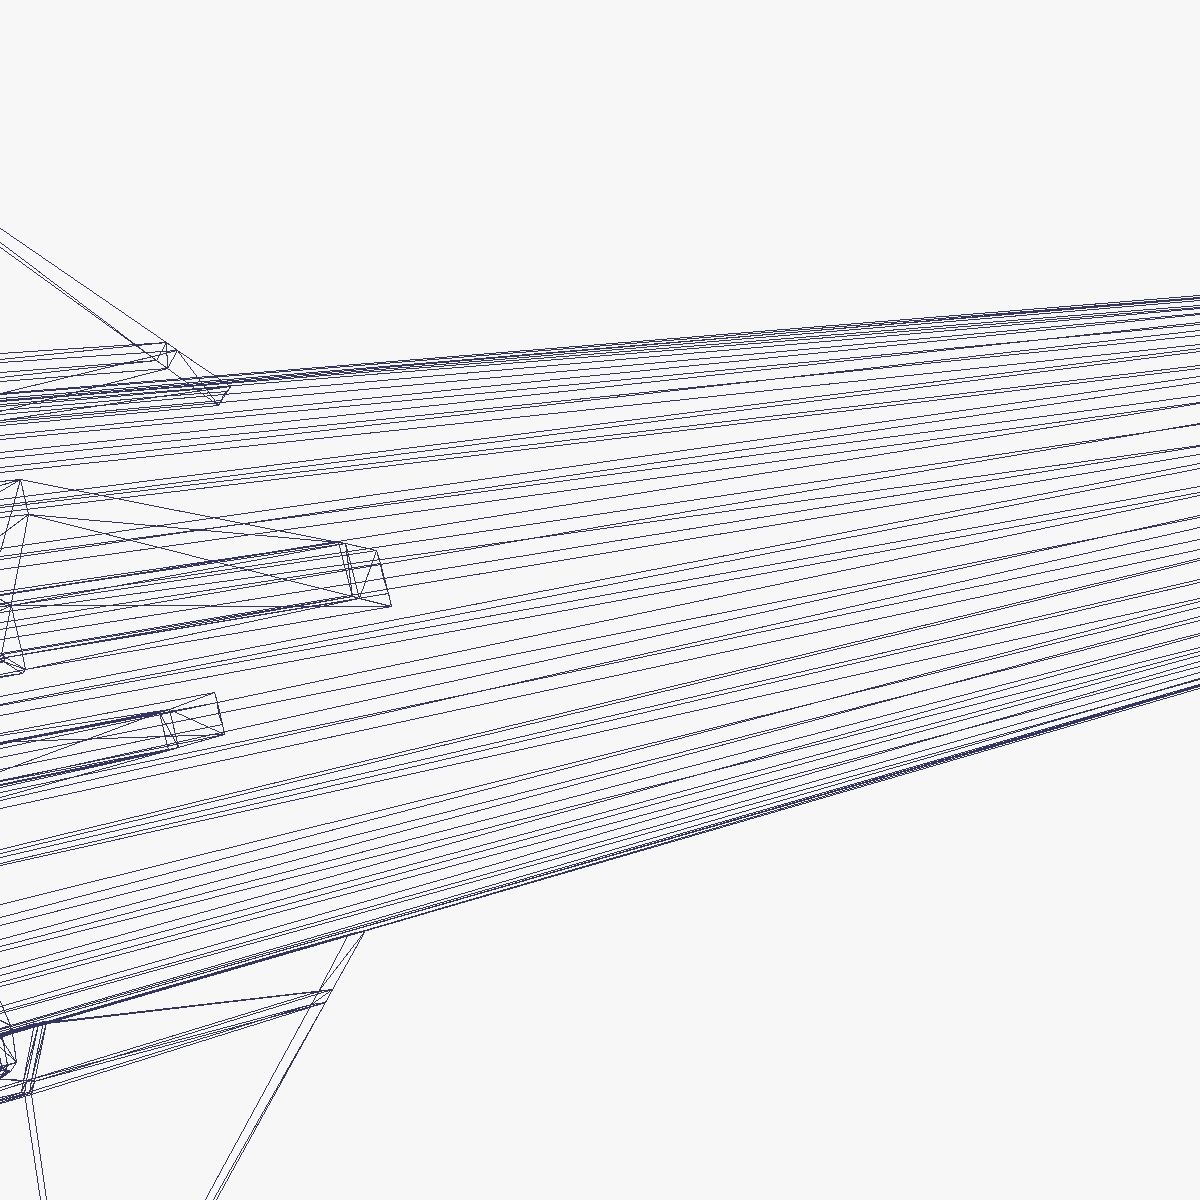 condor i-aiii/alacran missile 3d model 3ds dxf fbx blend cob dae x  obj 166221